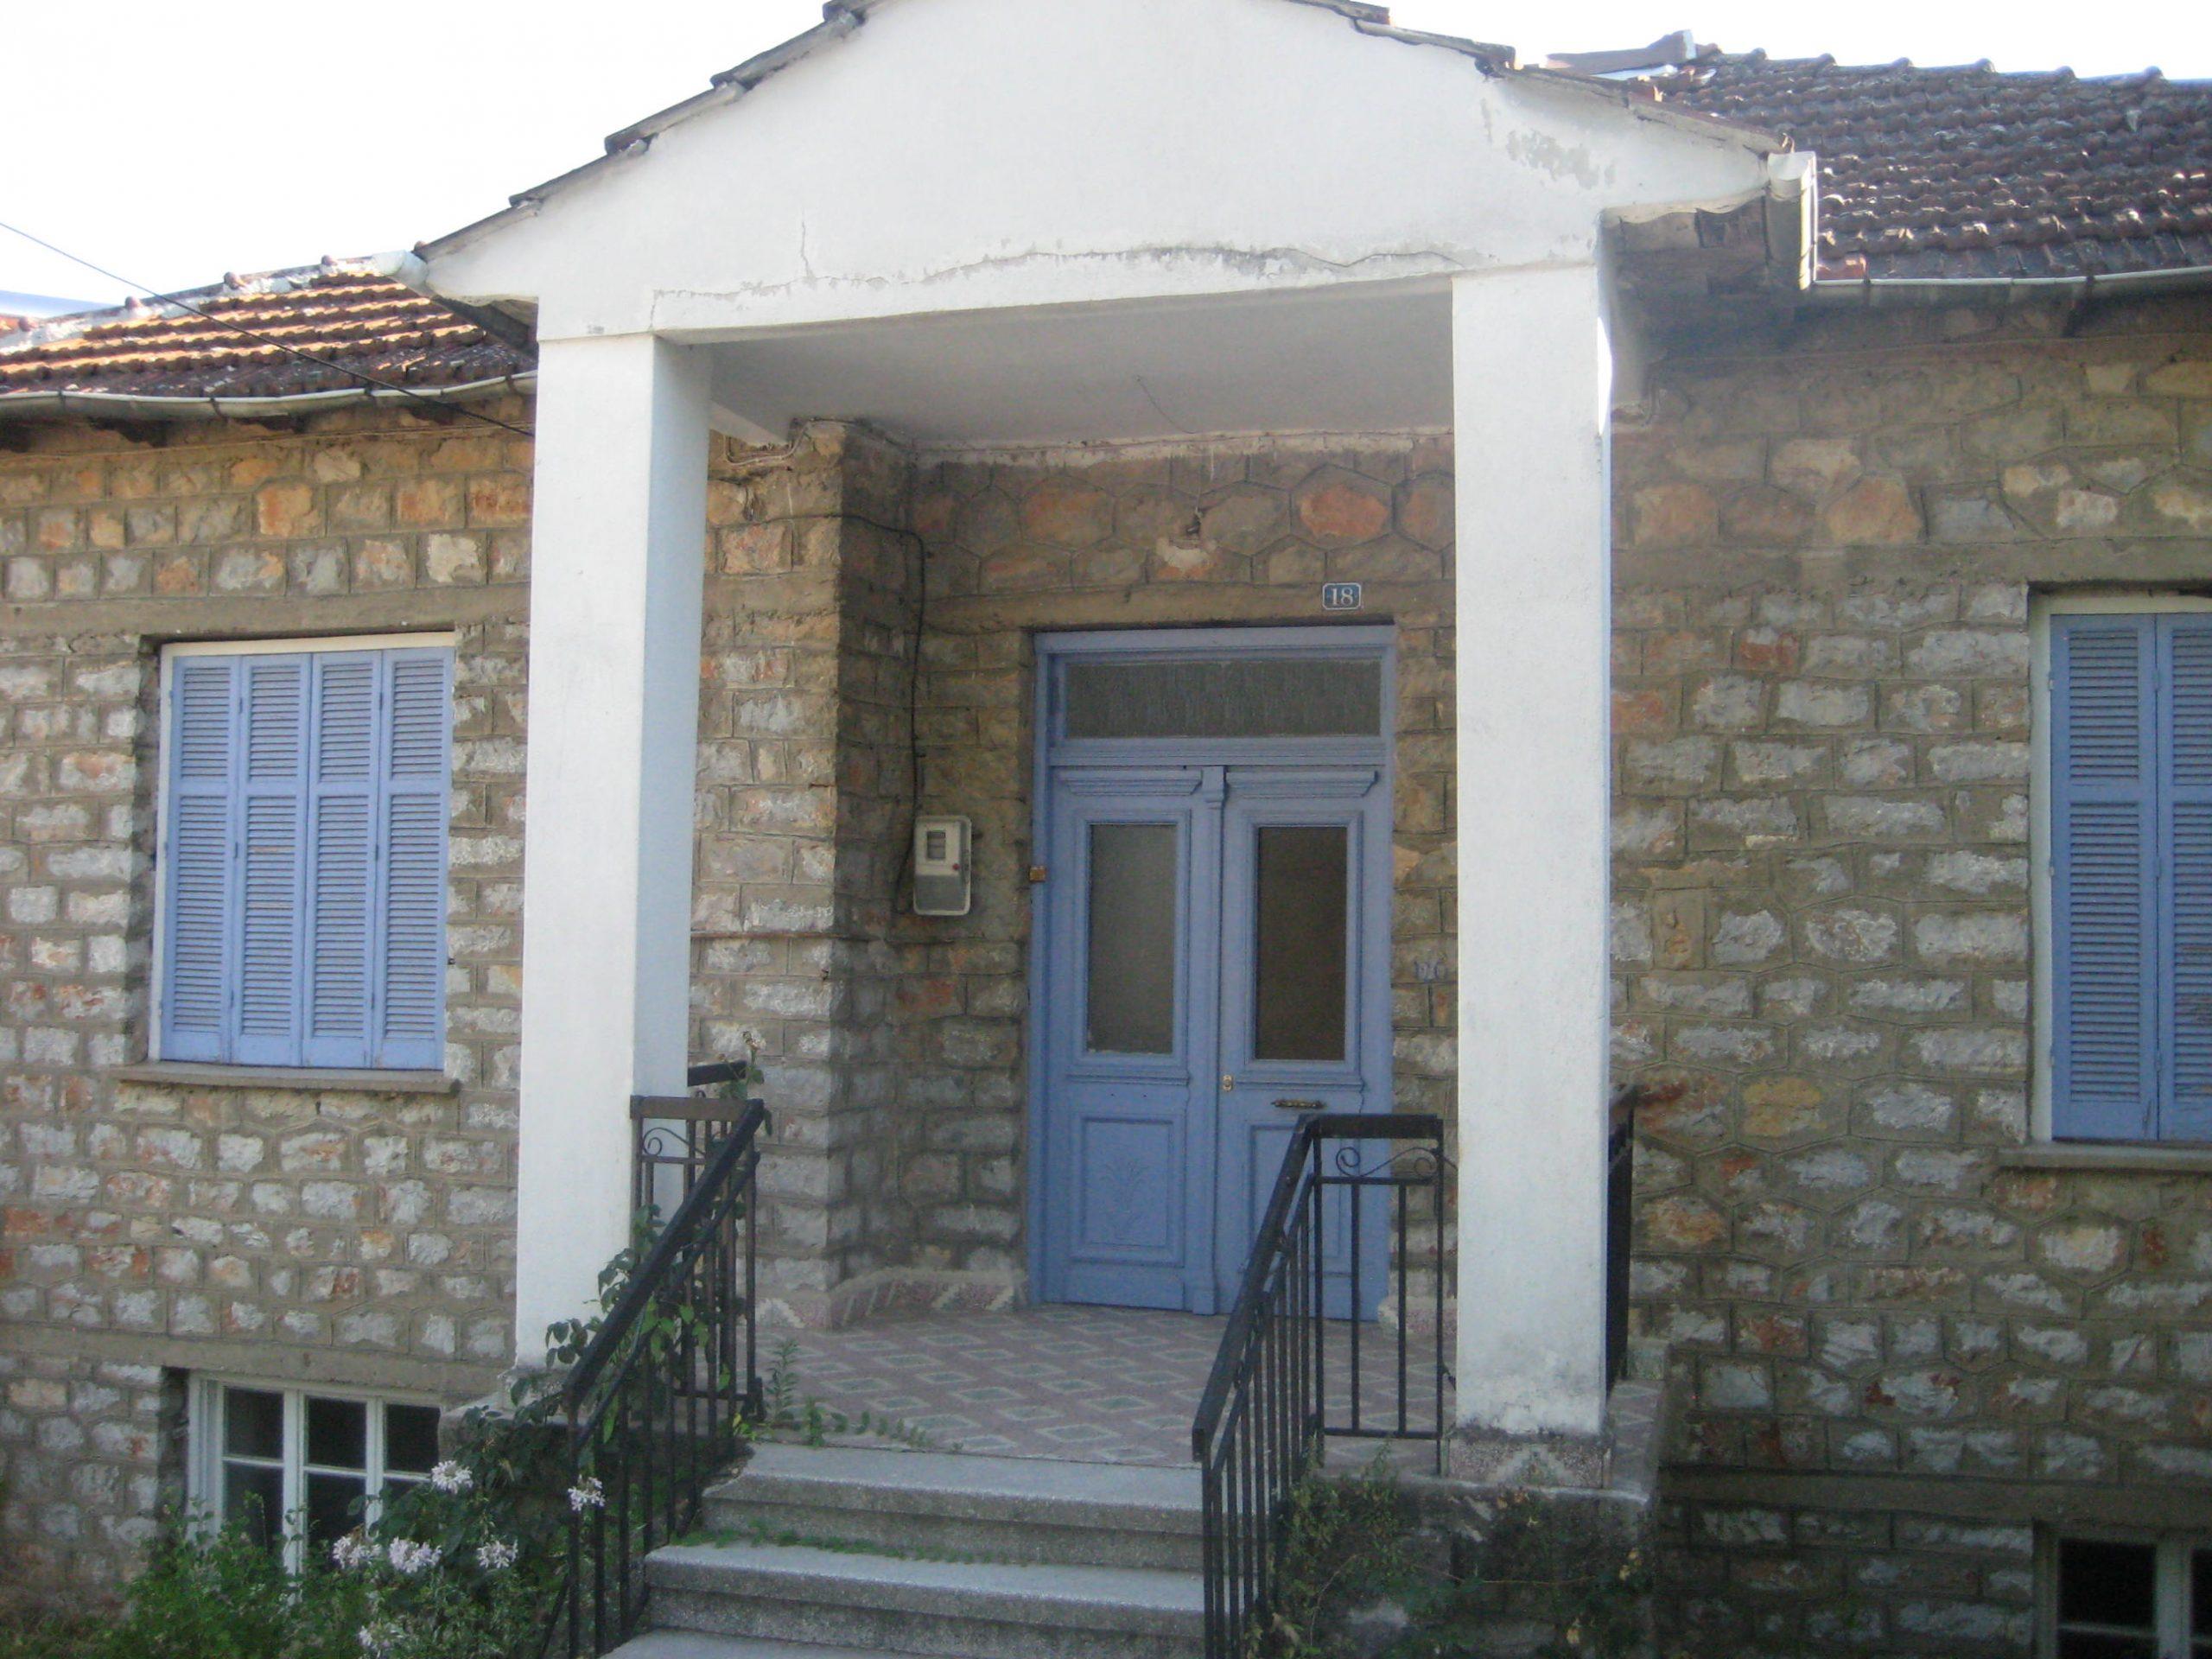 ΠΩΛΕΙΤΑΙ   πέτρινη μονοκατοικία στο Άργος Όρεστικό